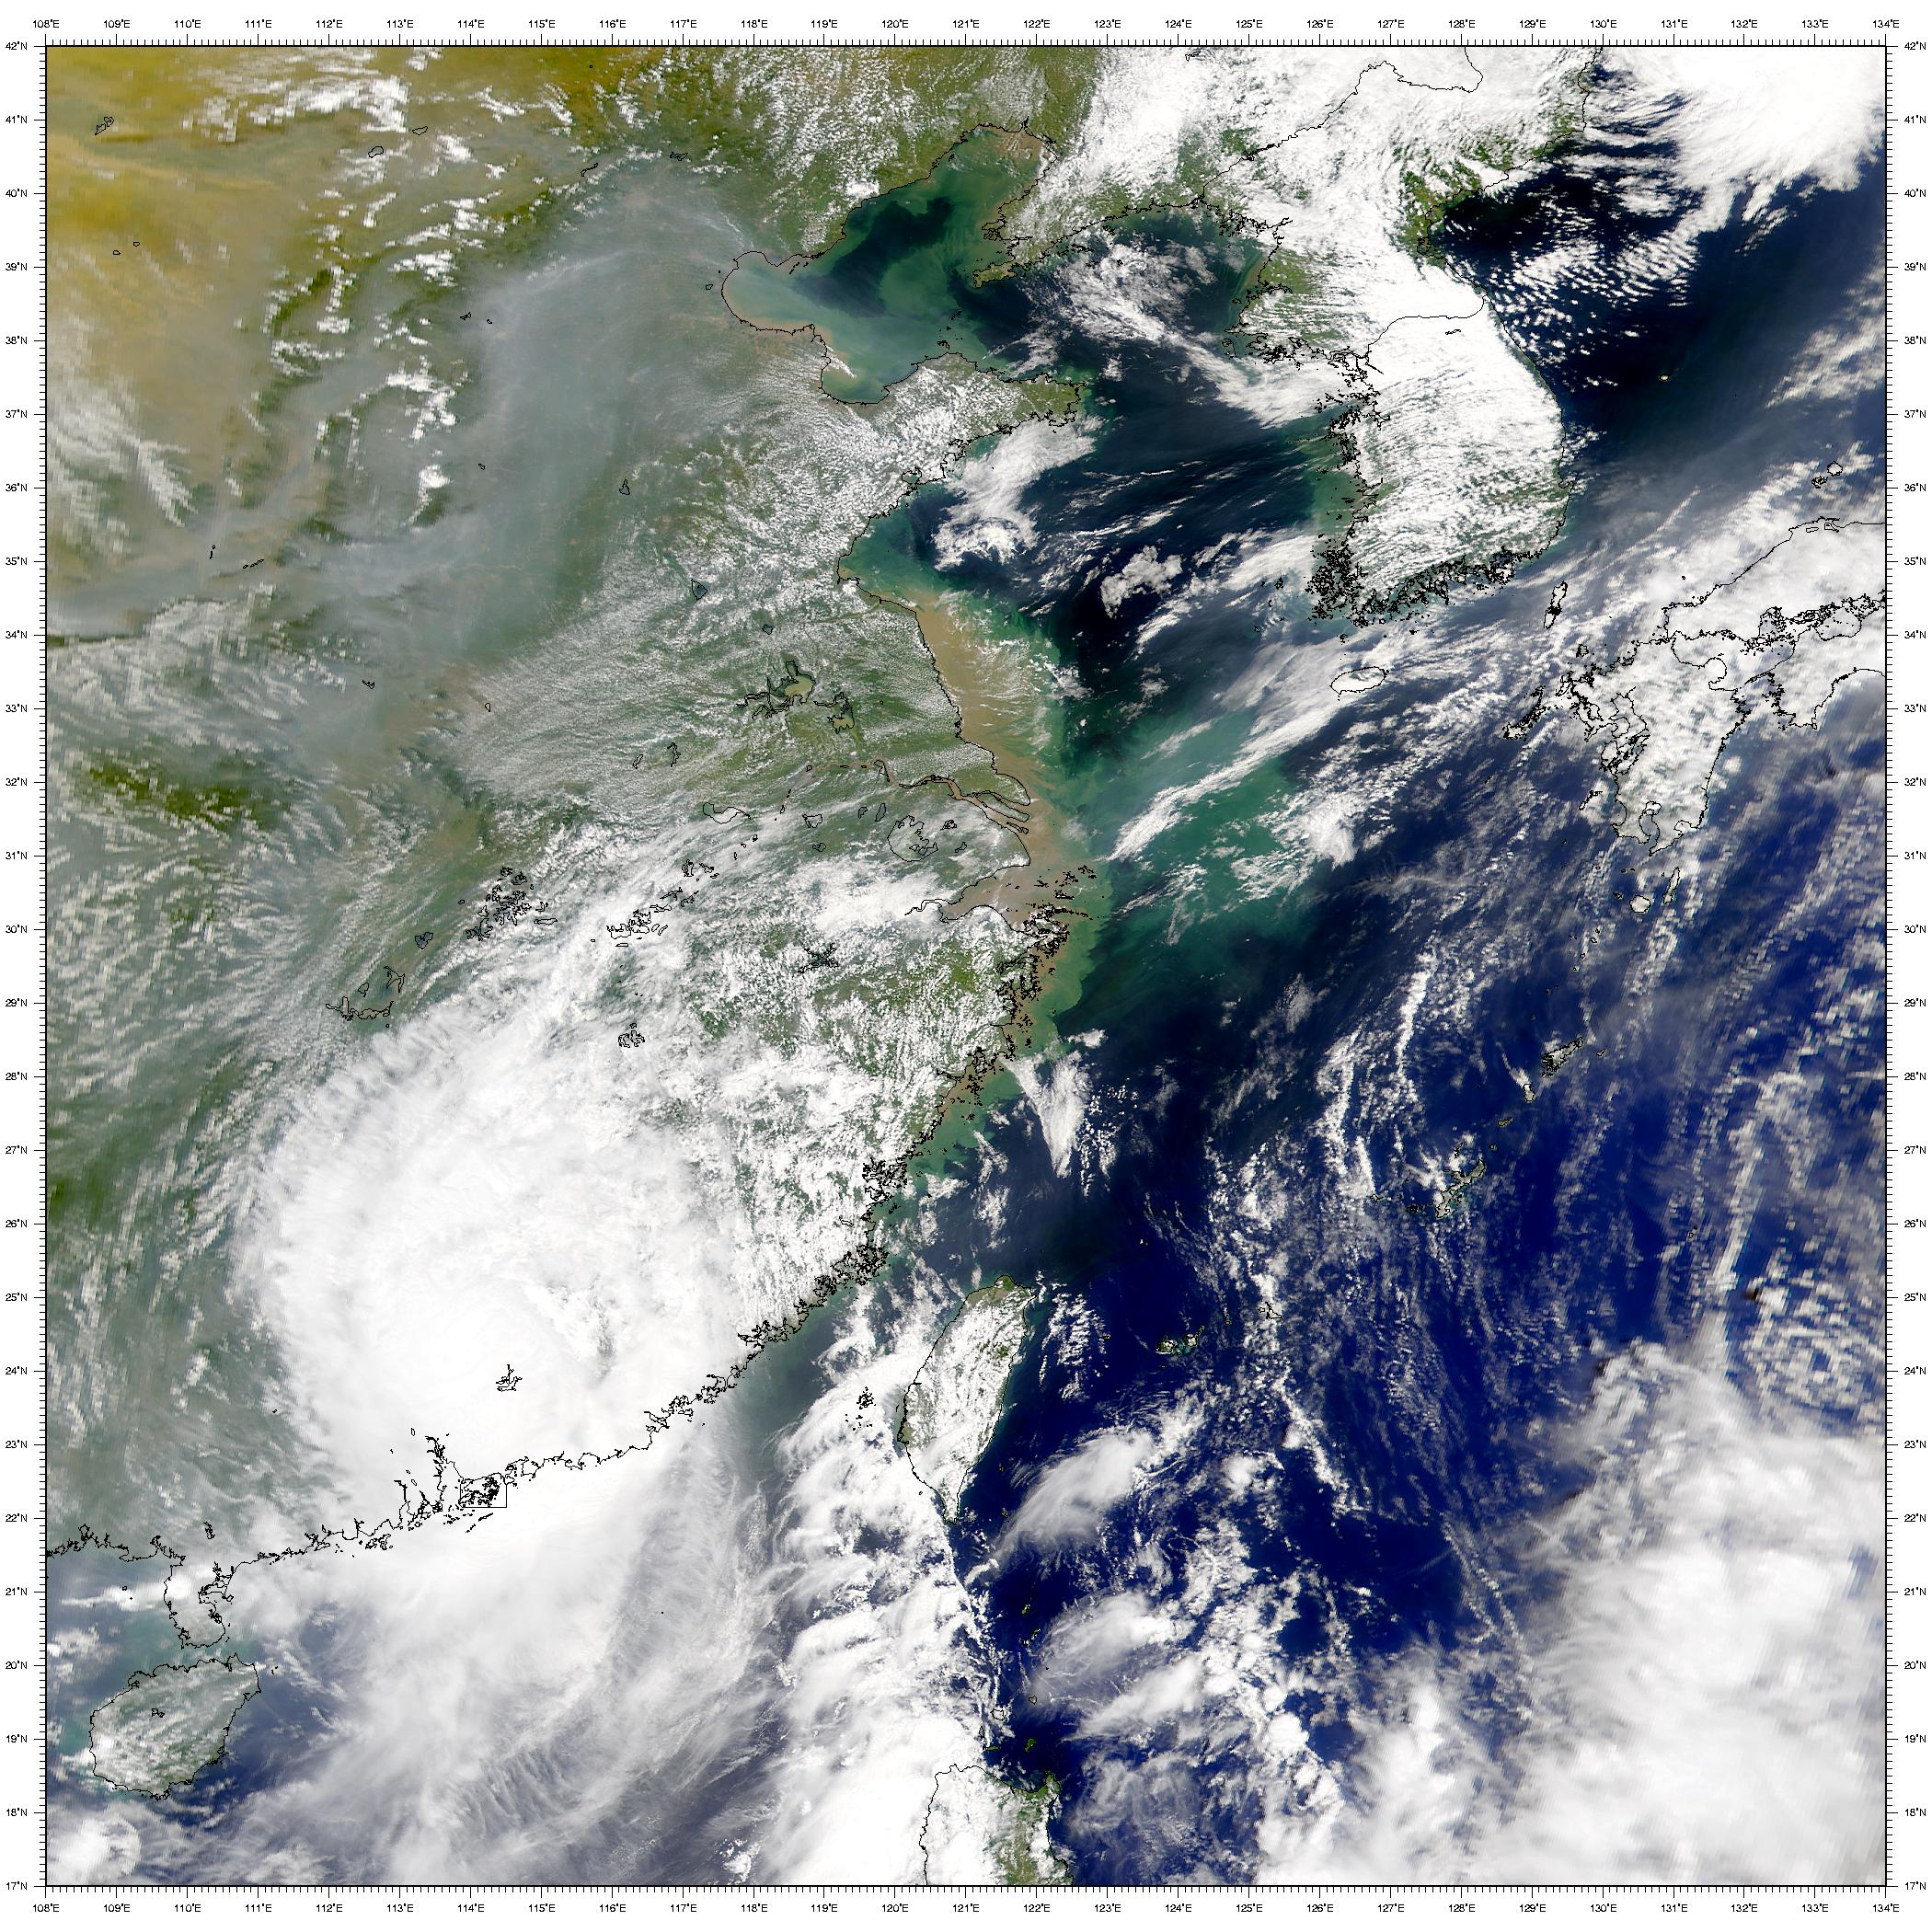 Después del Tifón Prapiroon